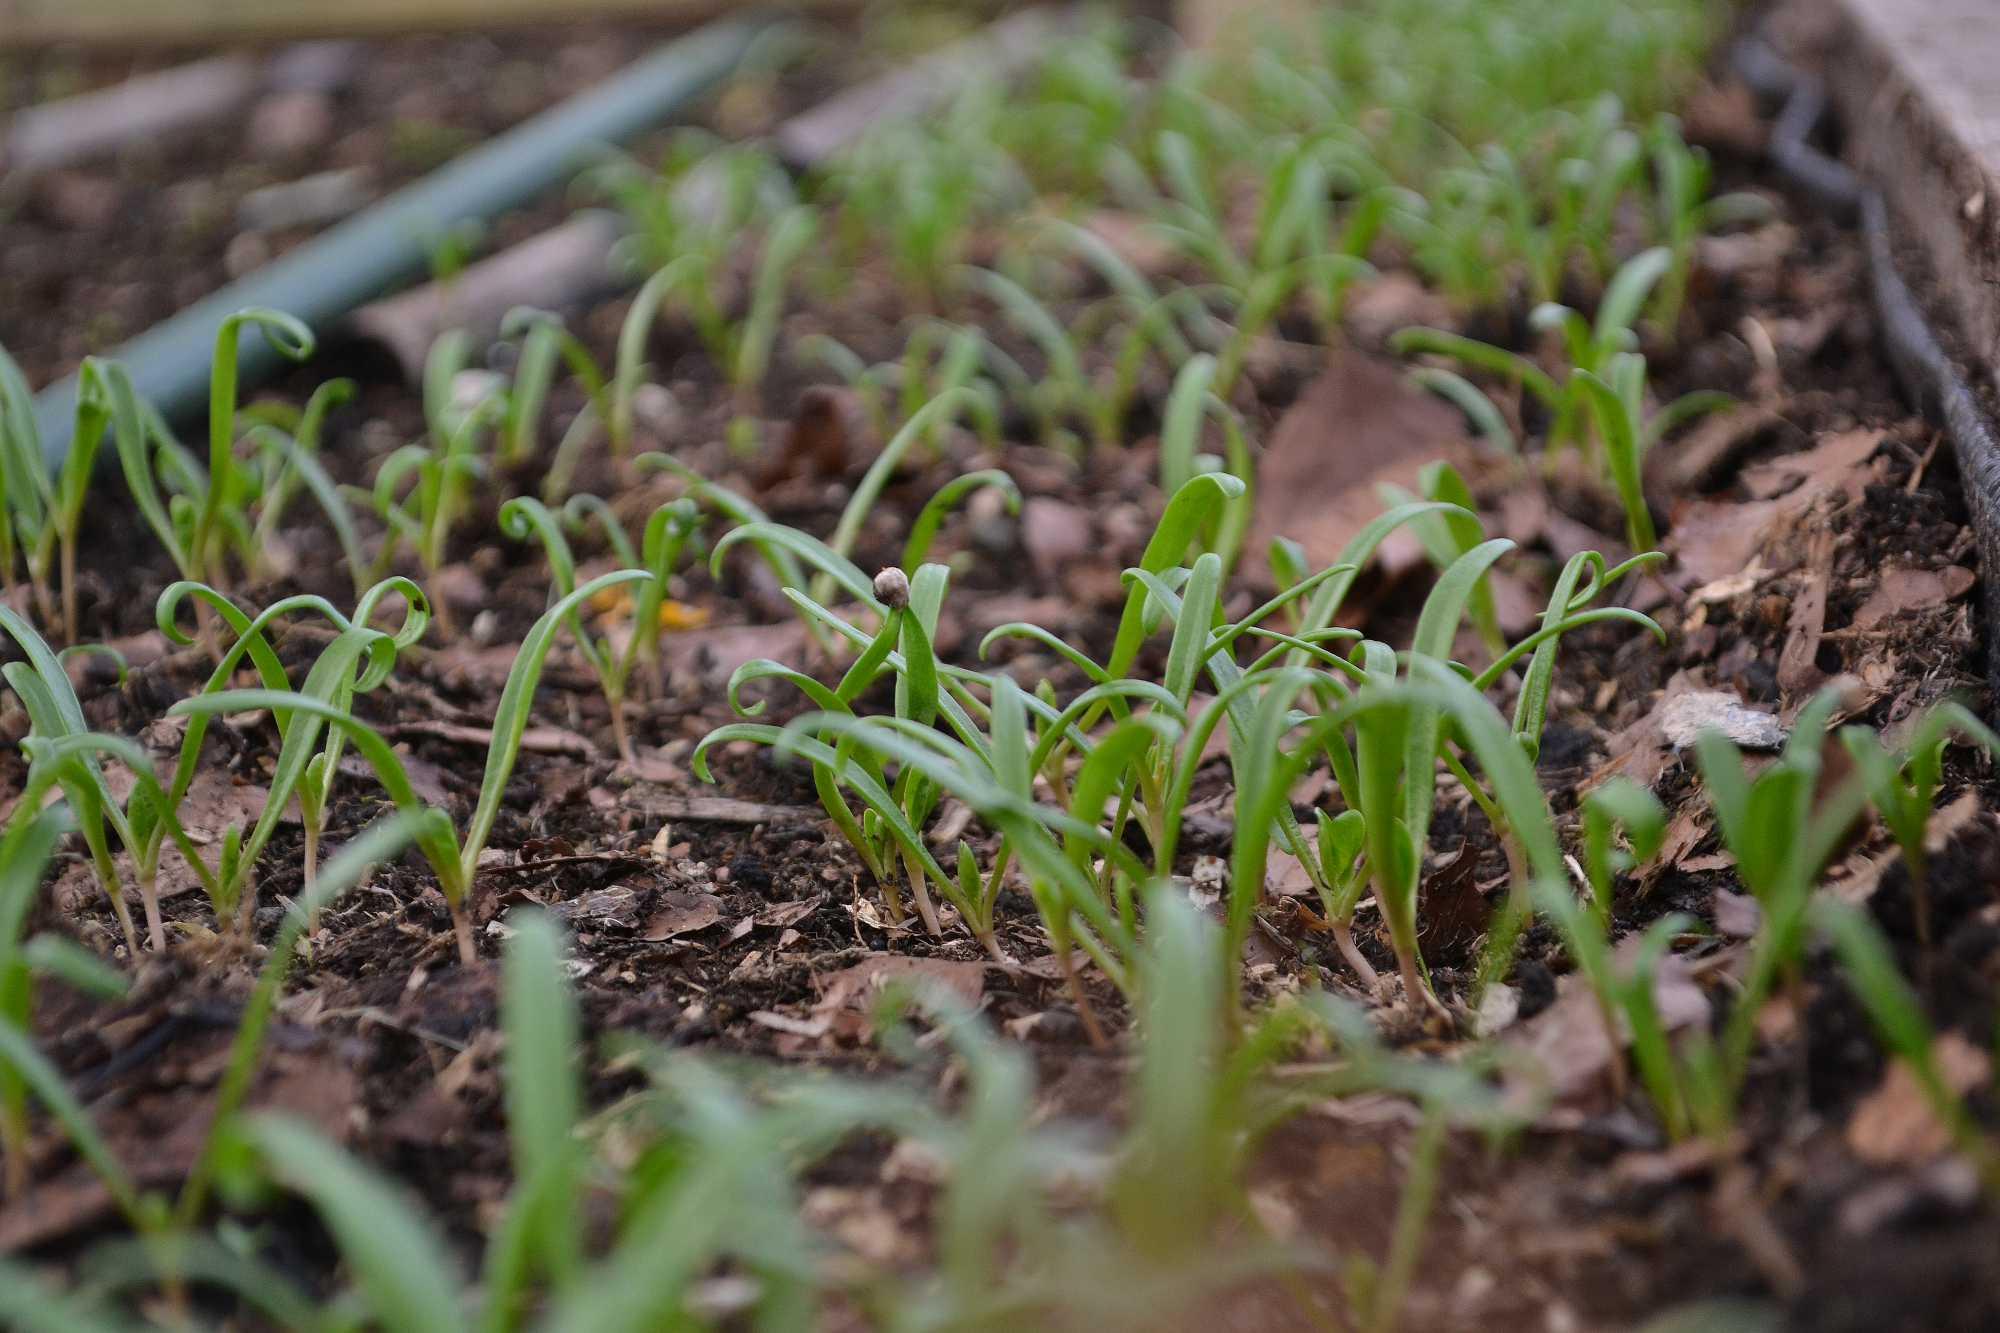 Små täta plantor av spenat i en odlingsbädd